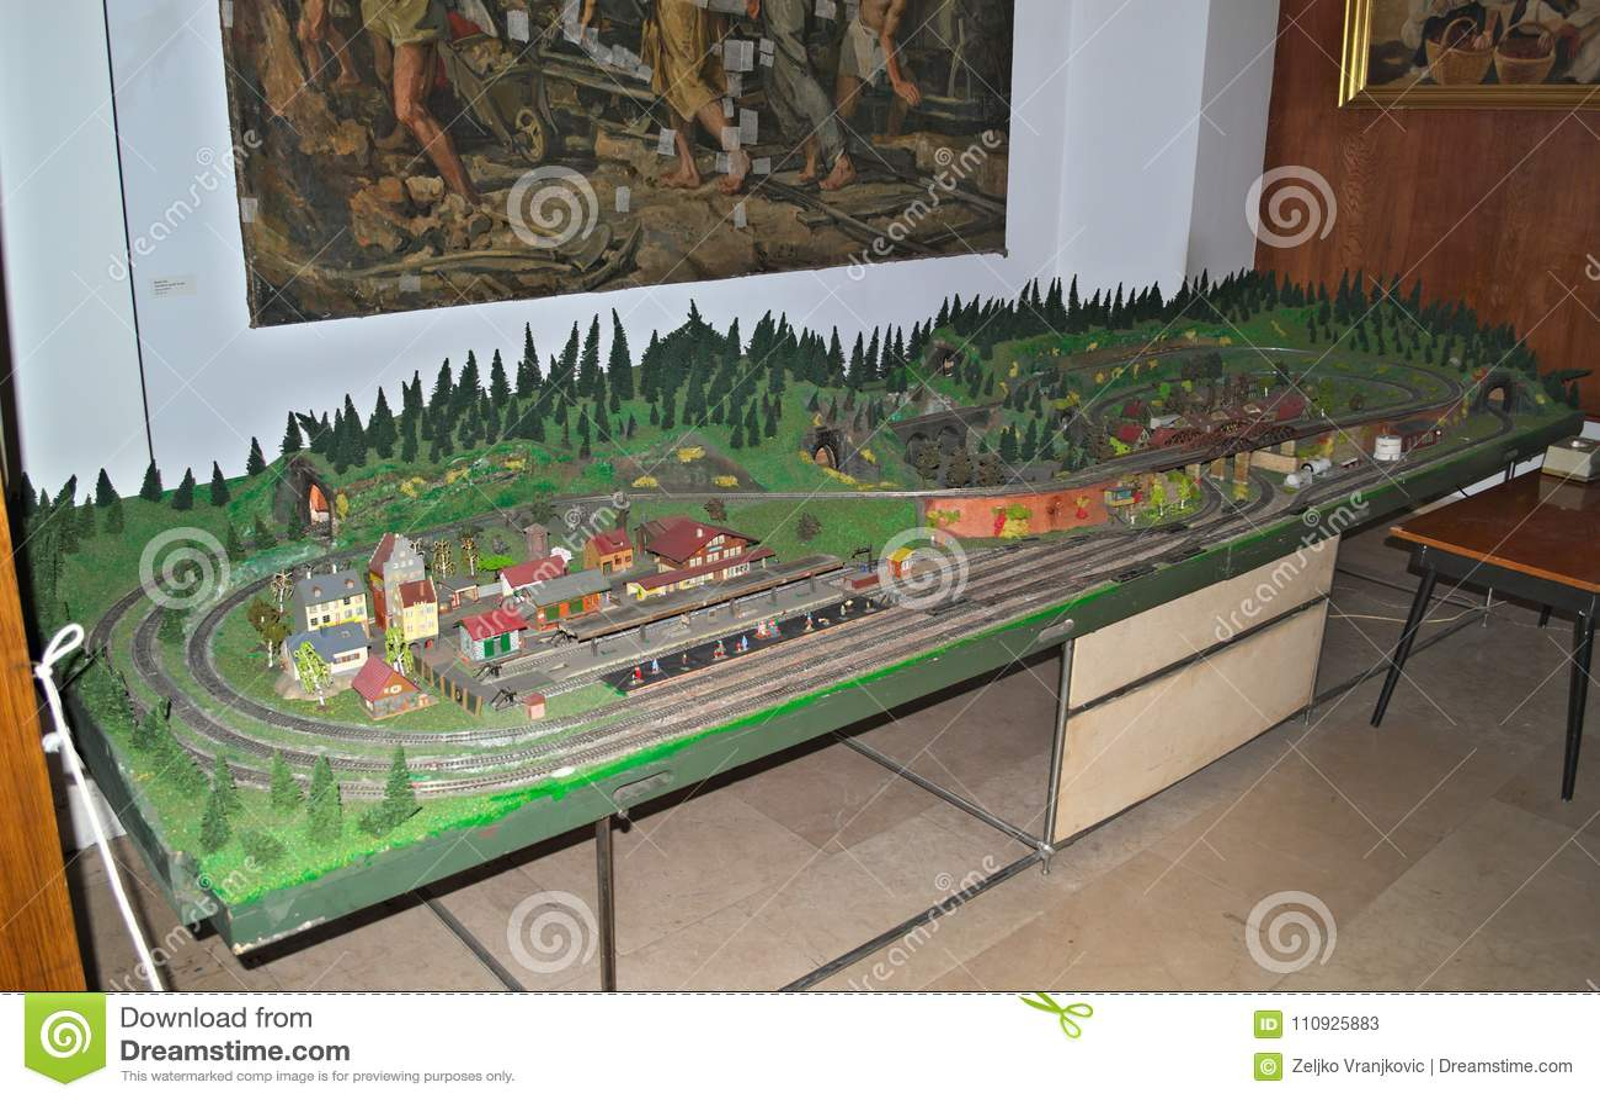 Modelljärnvägtabell på skärm i museum